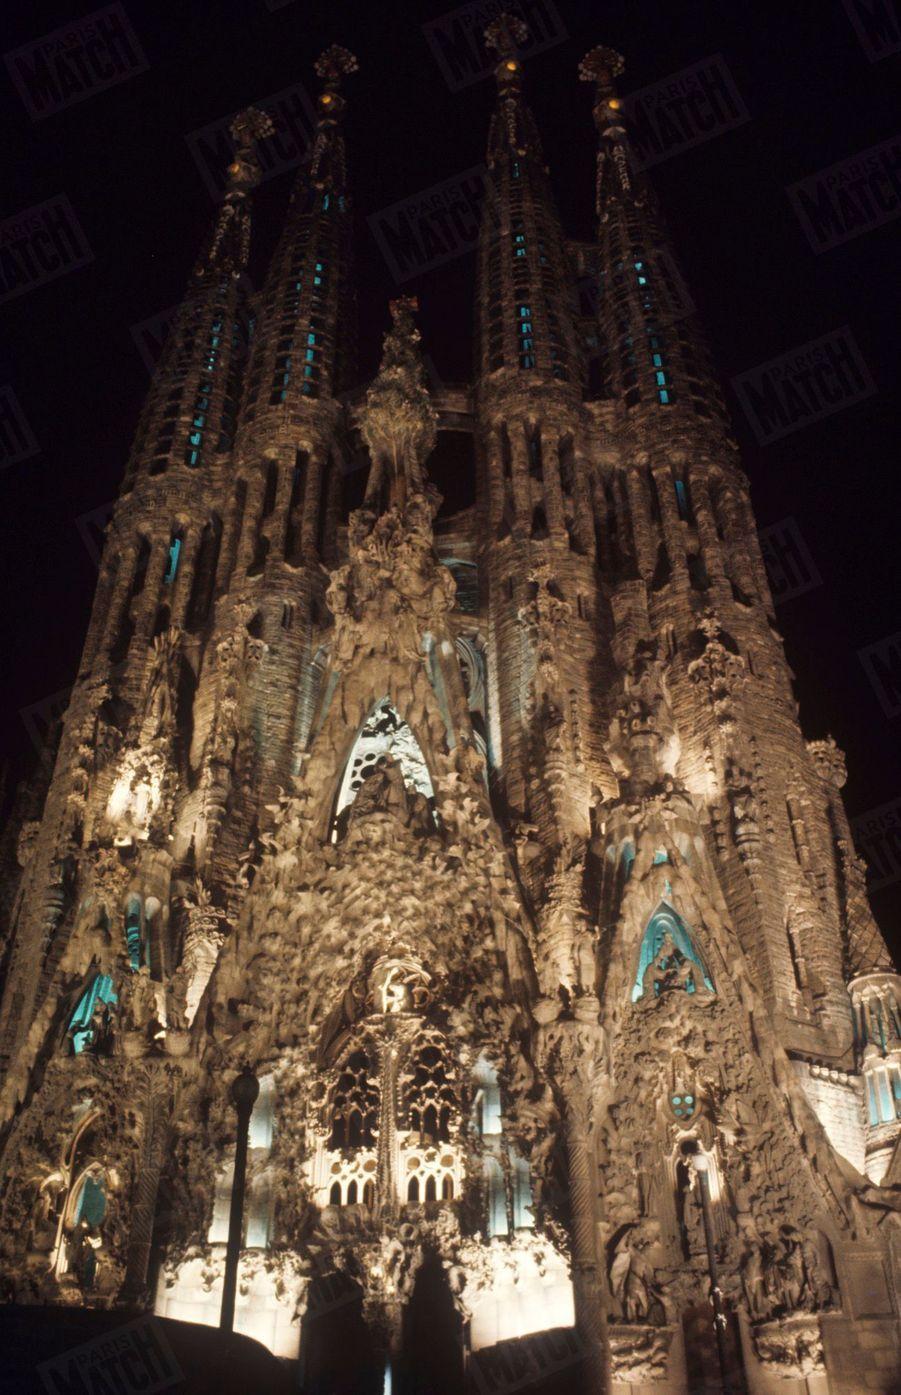 « La Sagrada Familia est une gigantesque dent cariée pleine de possibilités. », Salvador Dali dans Paris Match n°1055, 26 juillet 1969